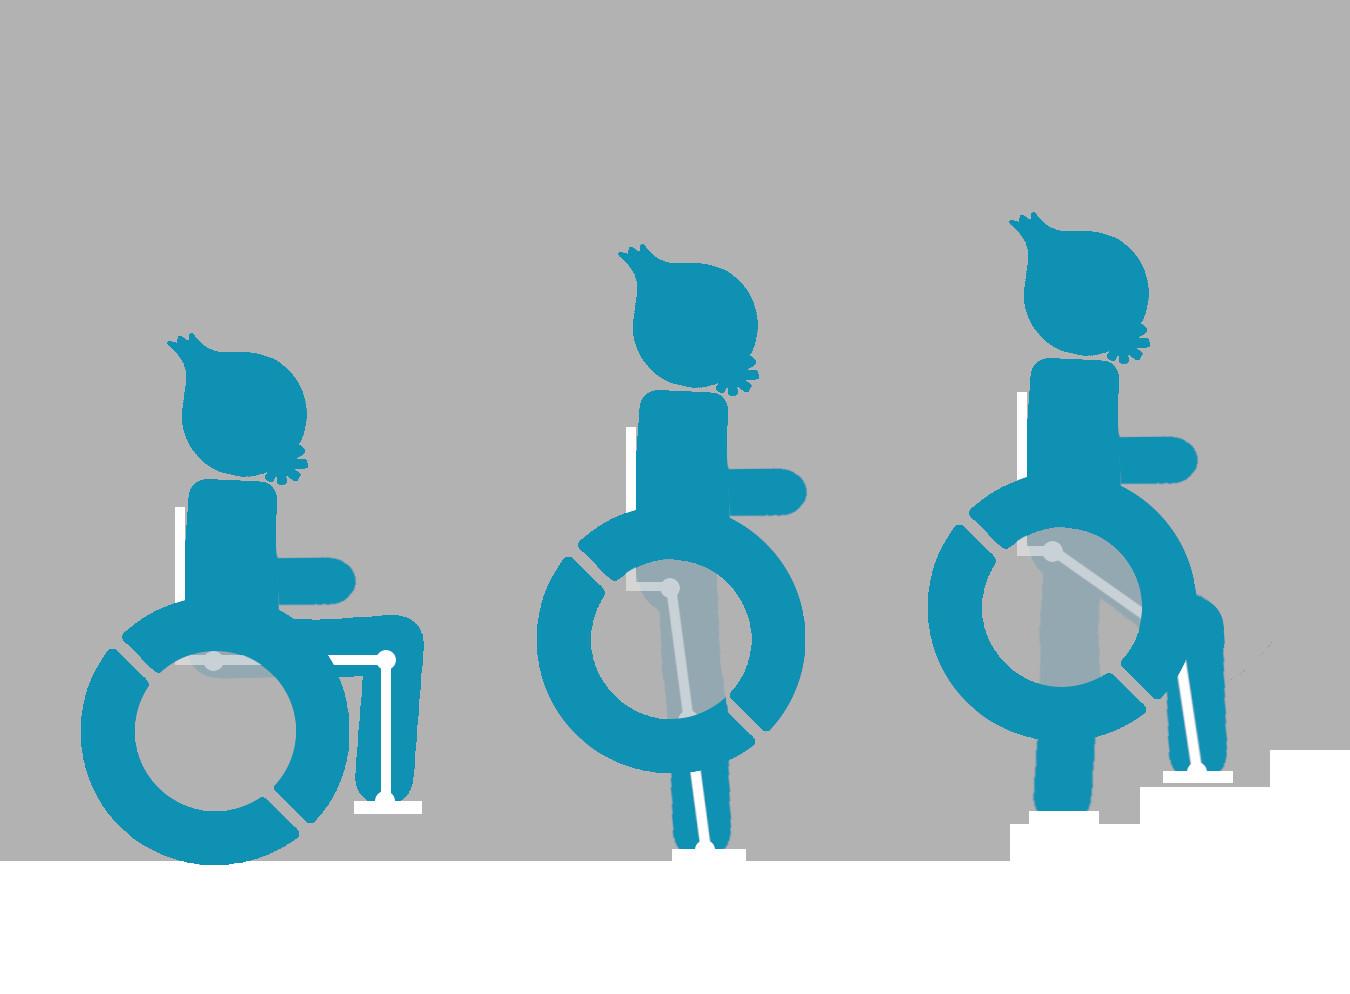 Rollstuhlfahrer, dessen Rollstuhl sich in ein Exoskelett verwandelt.